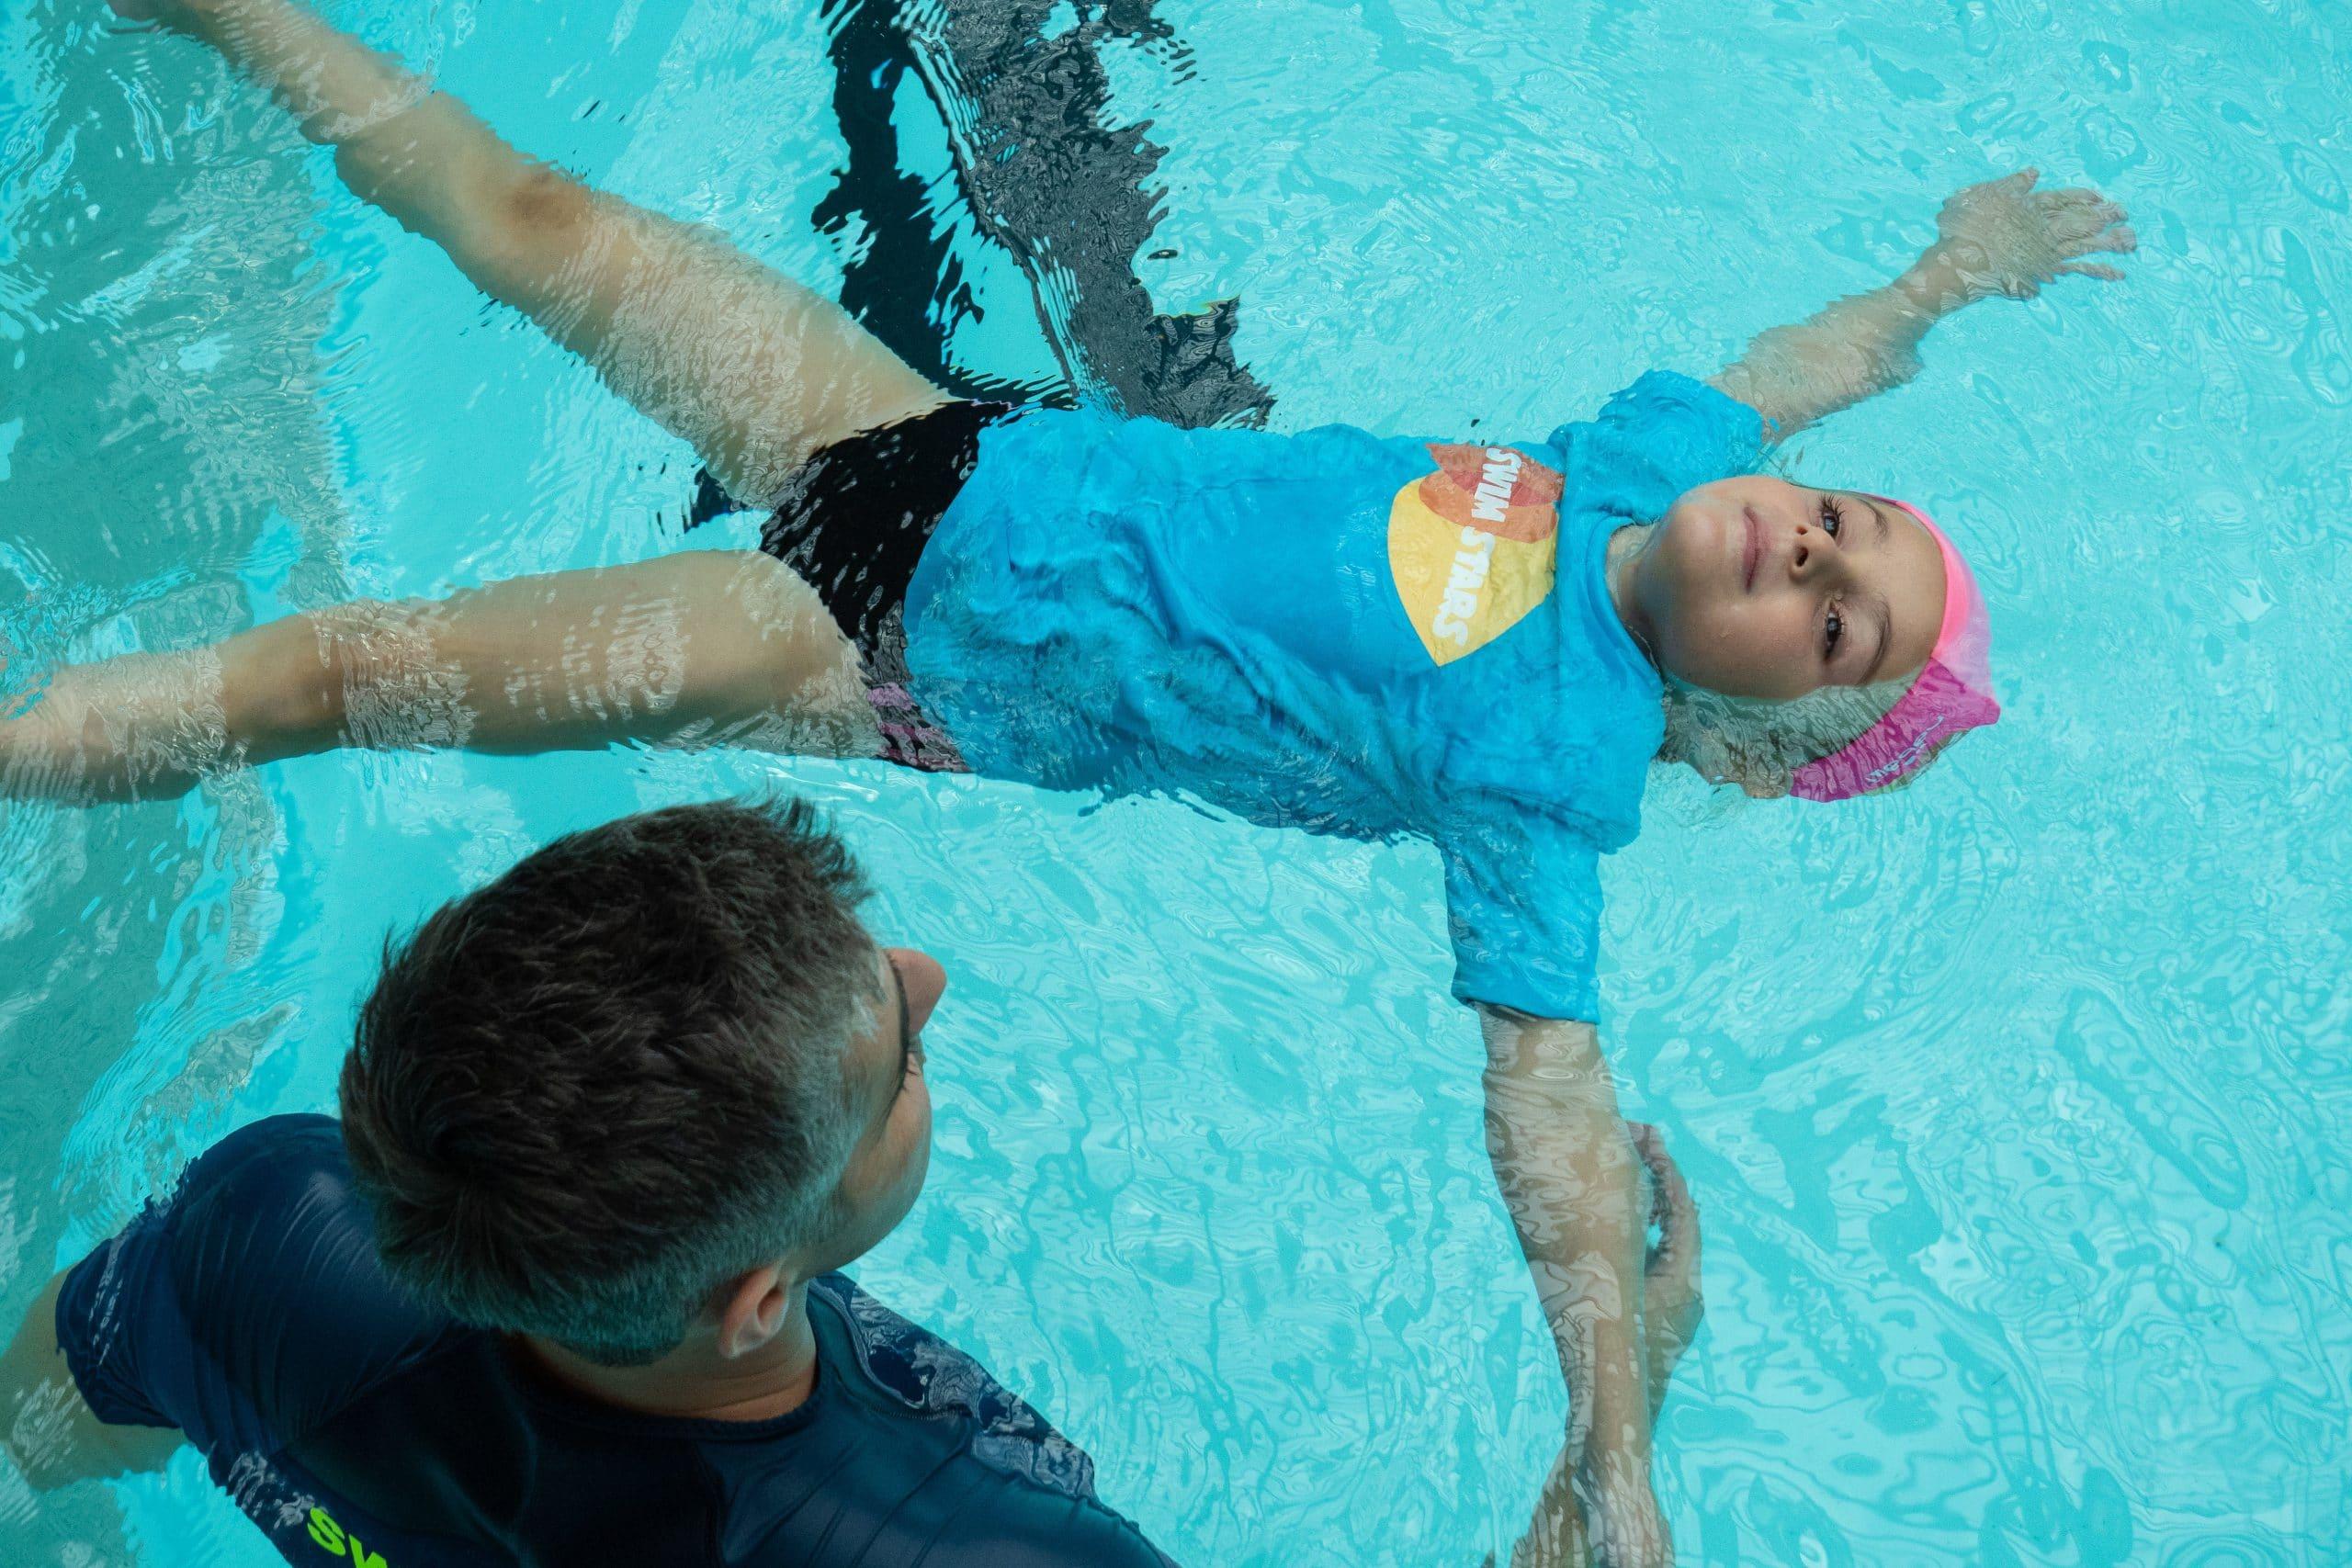 Pourquoi Pratiquer La Natation Top 3 Bienfaits Swim Stars